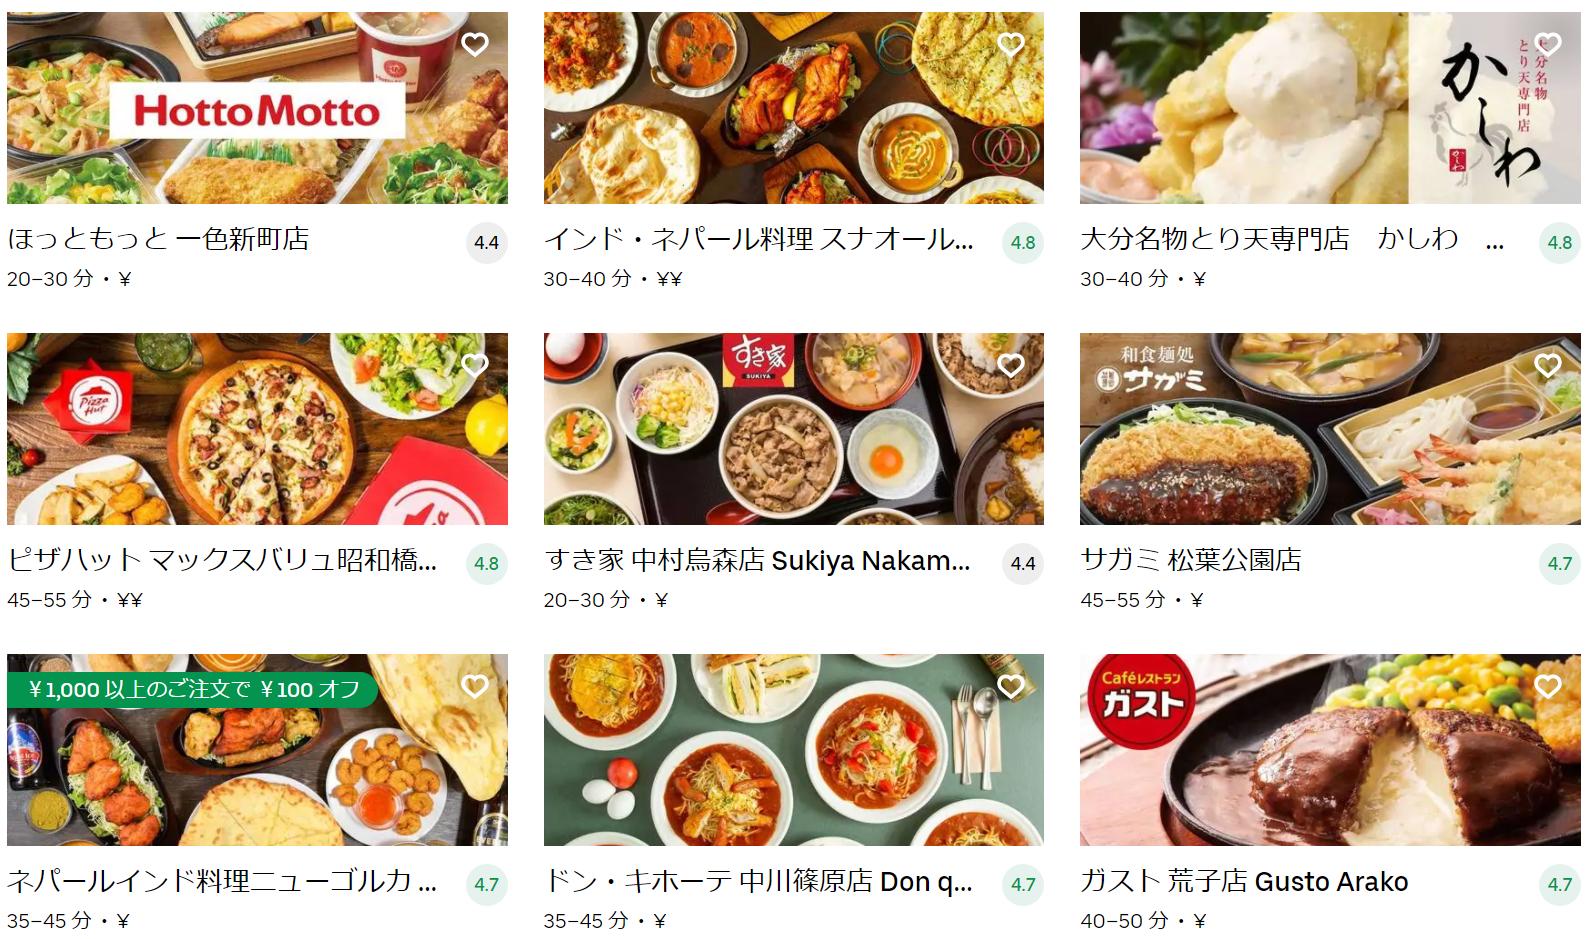 名古屋市中川区エリアのおすすめUber Eats(ウーバーイーツ)メニュー